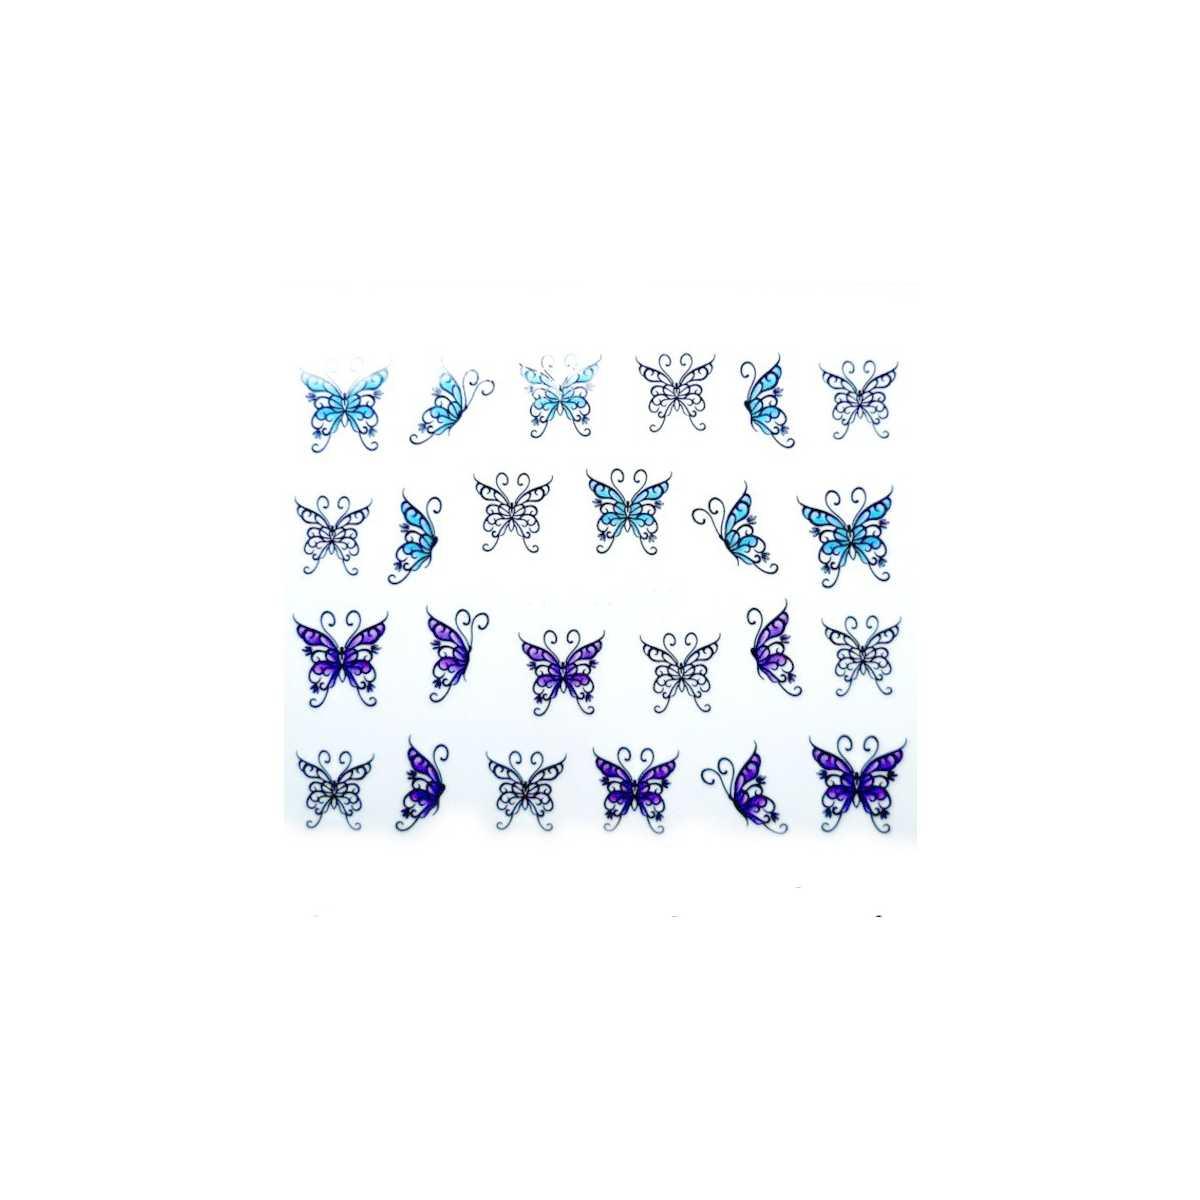 https://www.kit-manucure.com/2028-thickbox_default/water-decals-papillons-bleus-blancs-et-violets.jpg